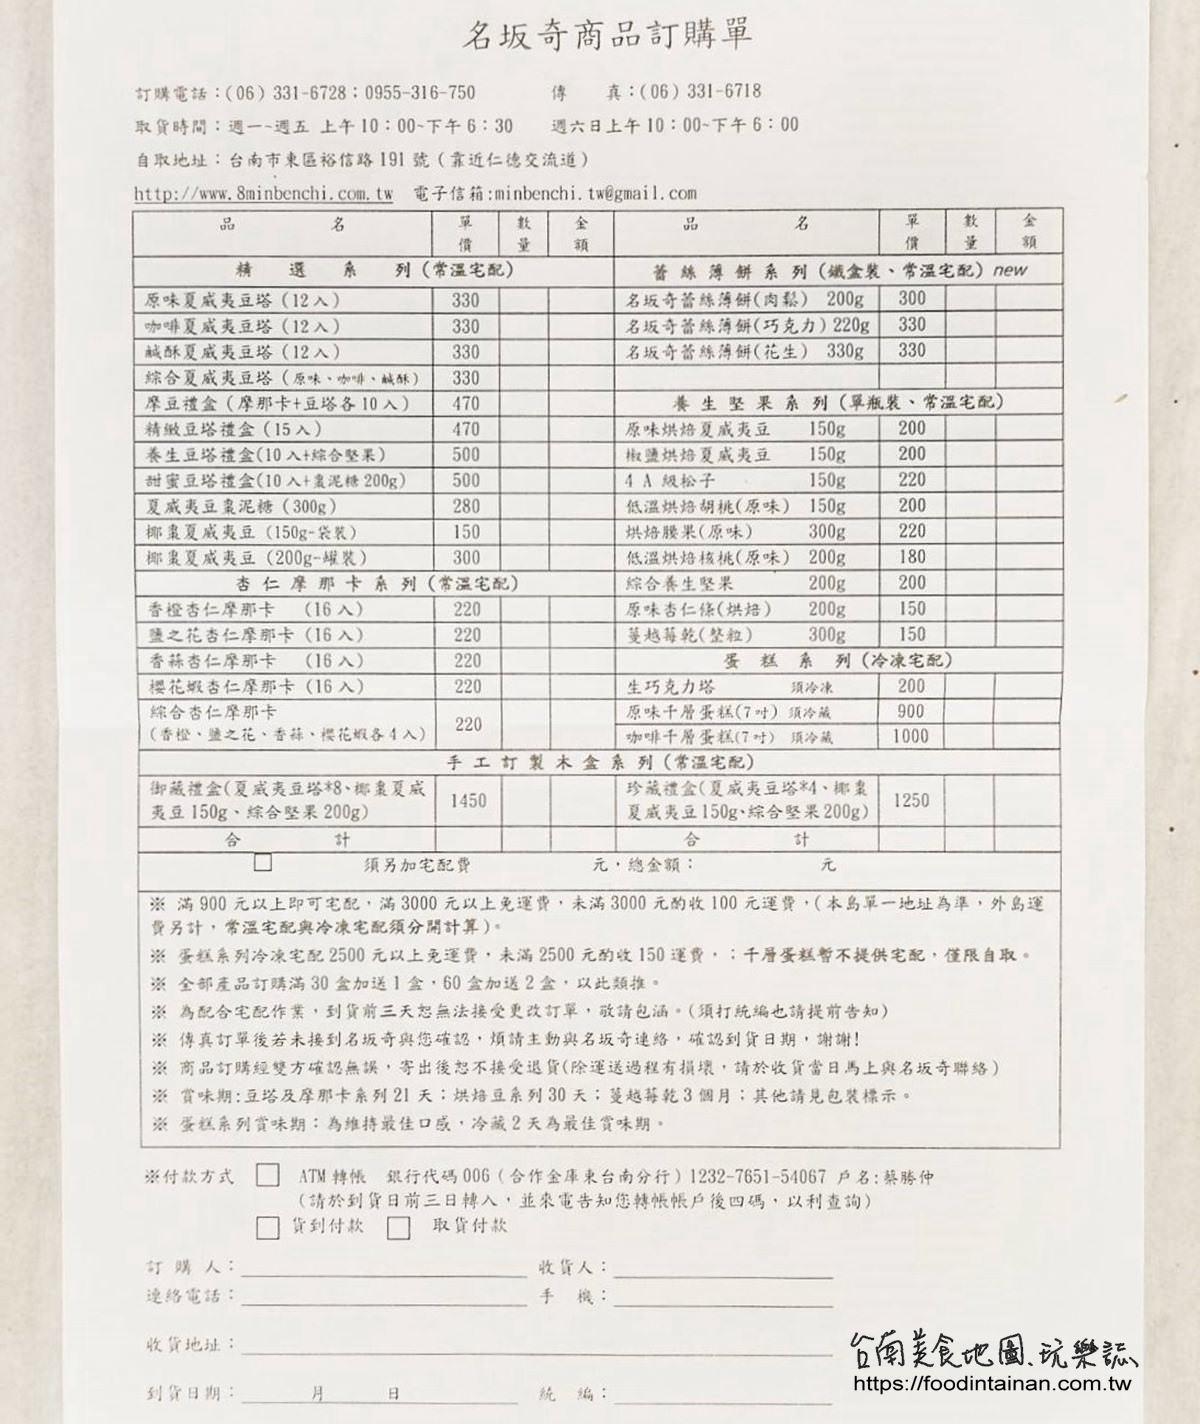 台南東區府城人氣火紅網購超夯伴手禮盒全省宅配到府-名坂奇